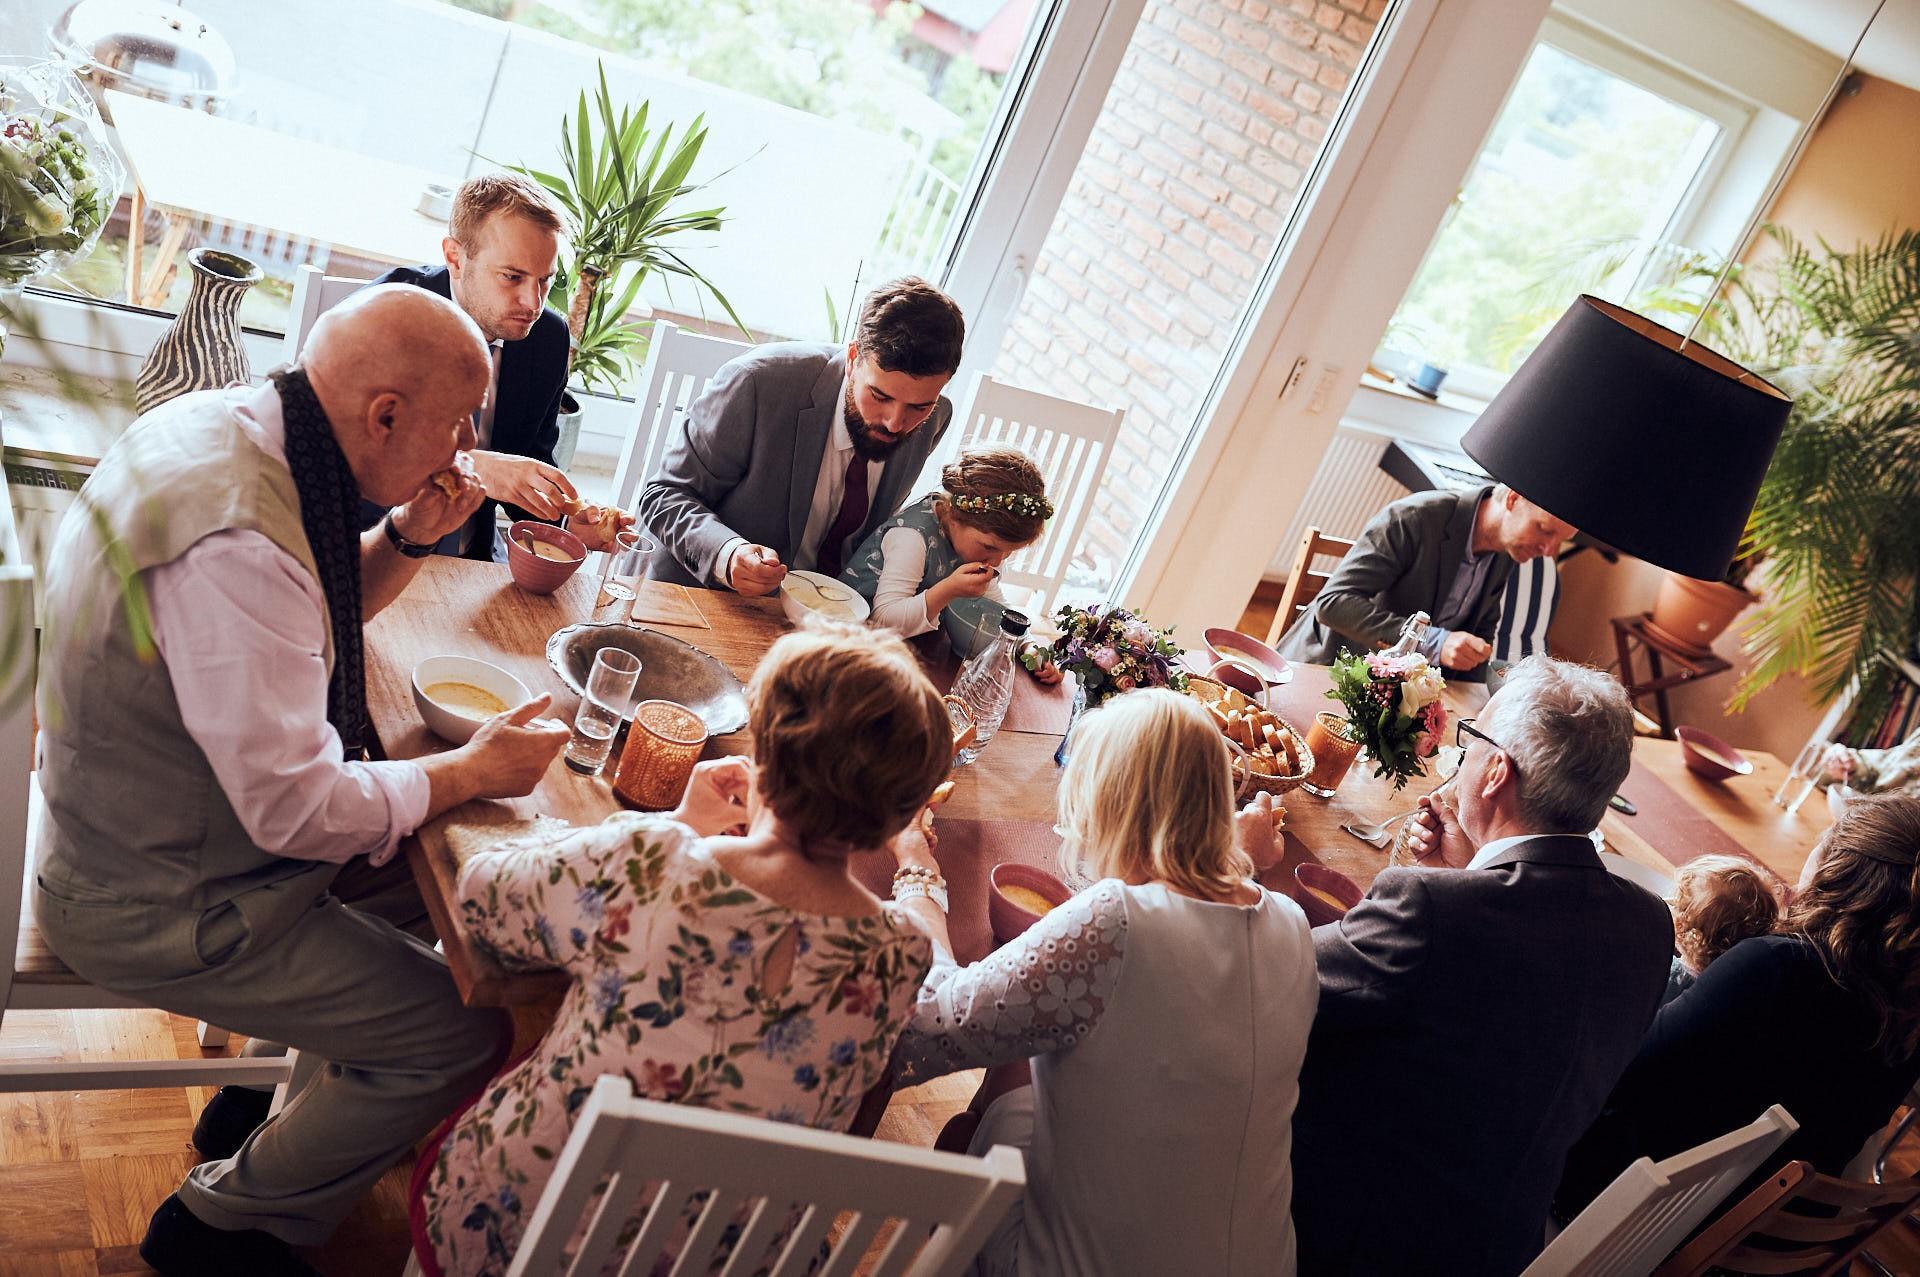 Alle Verwandten essen an einem Tisch